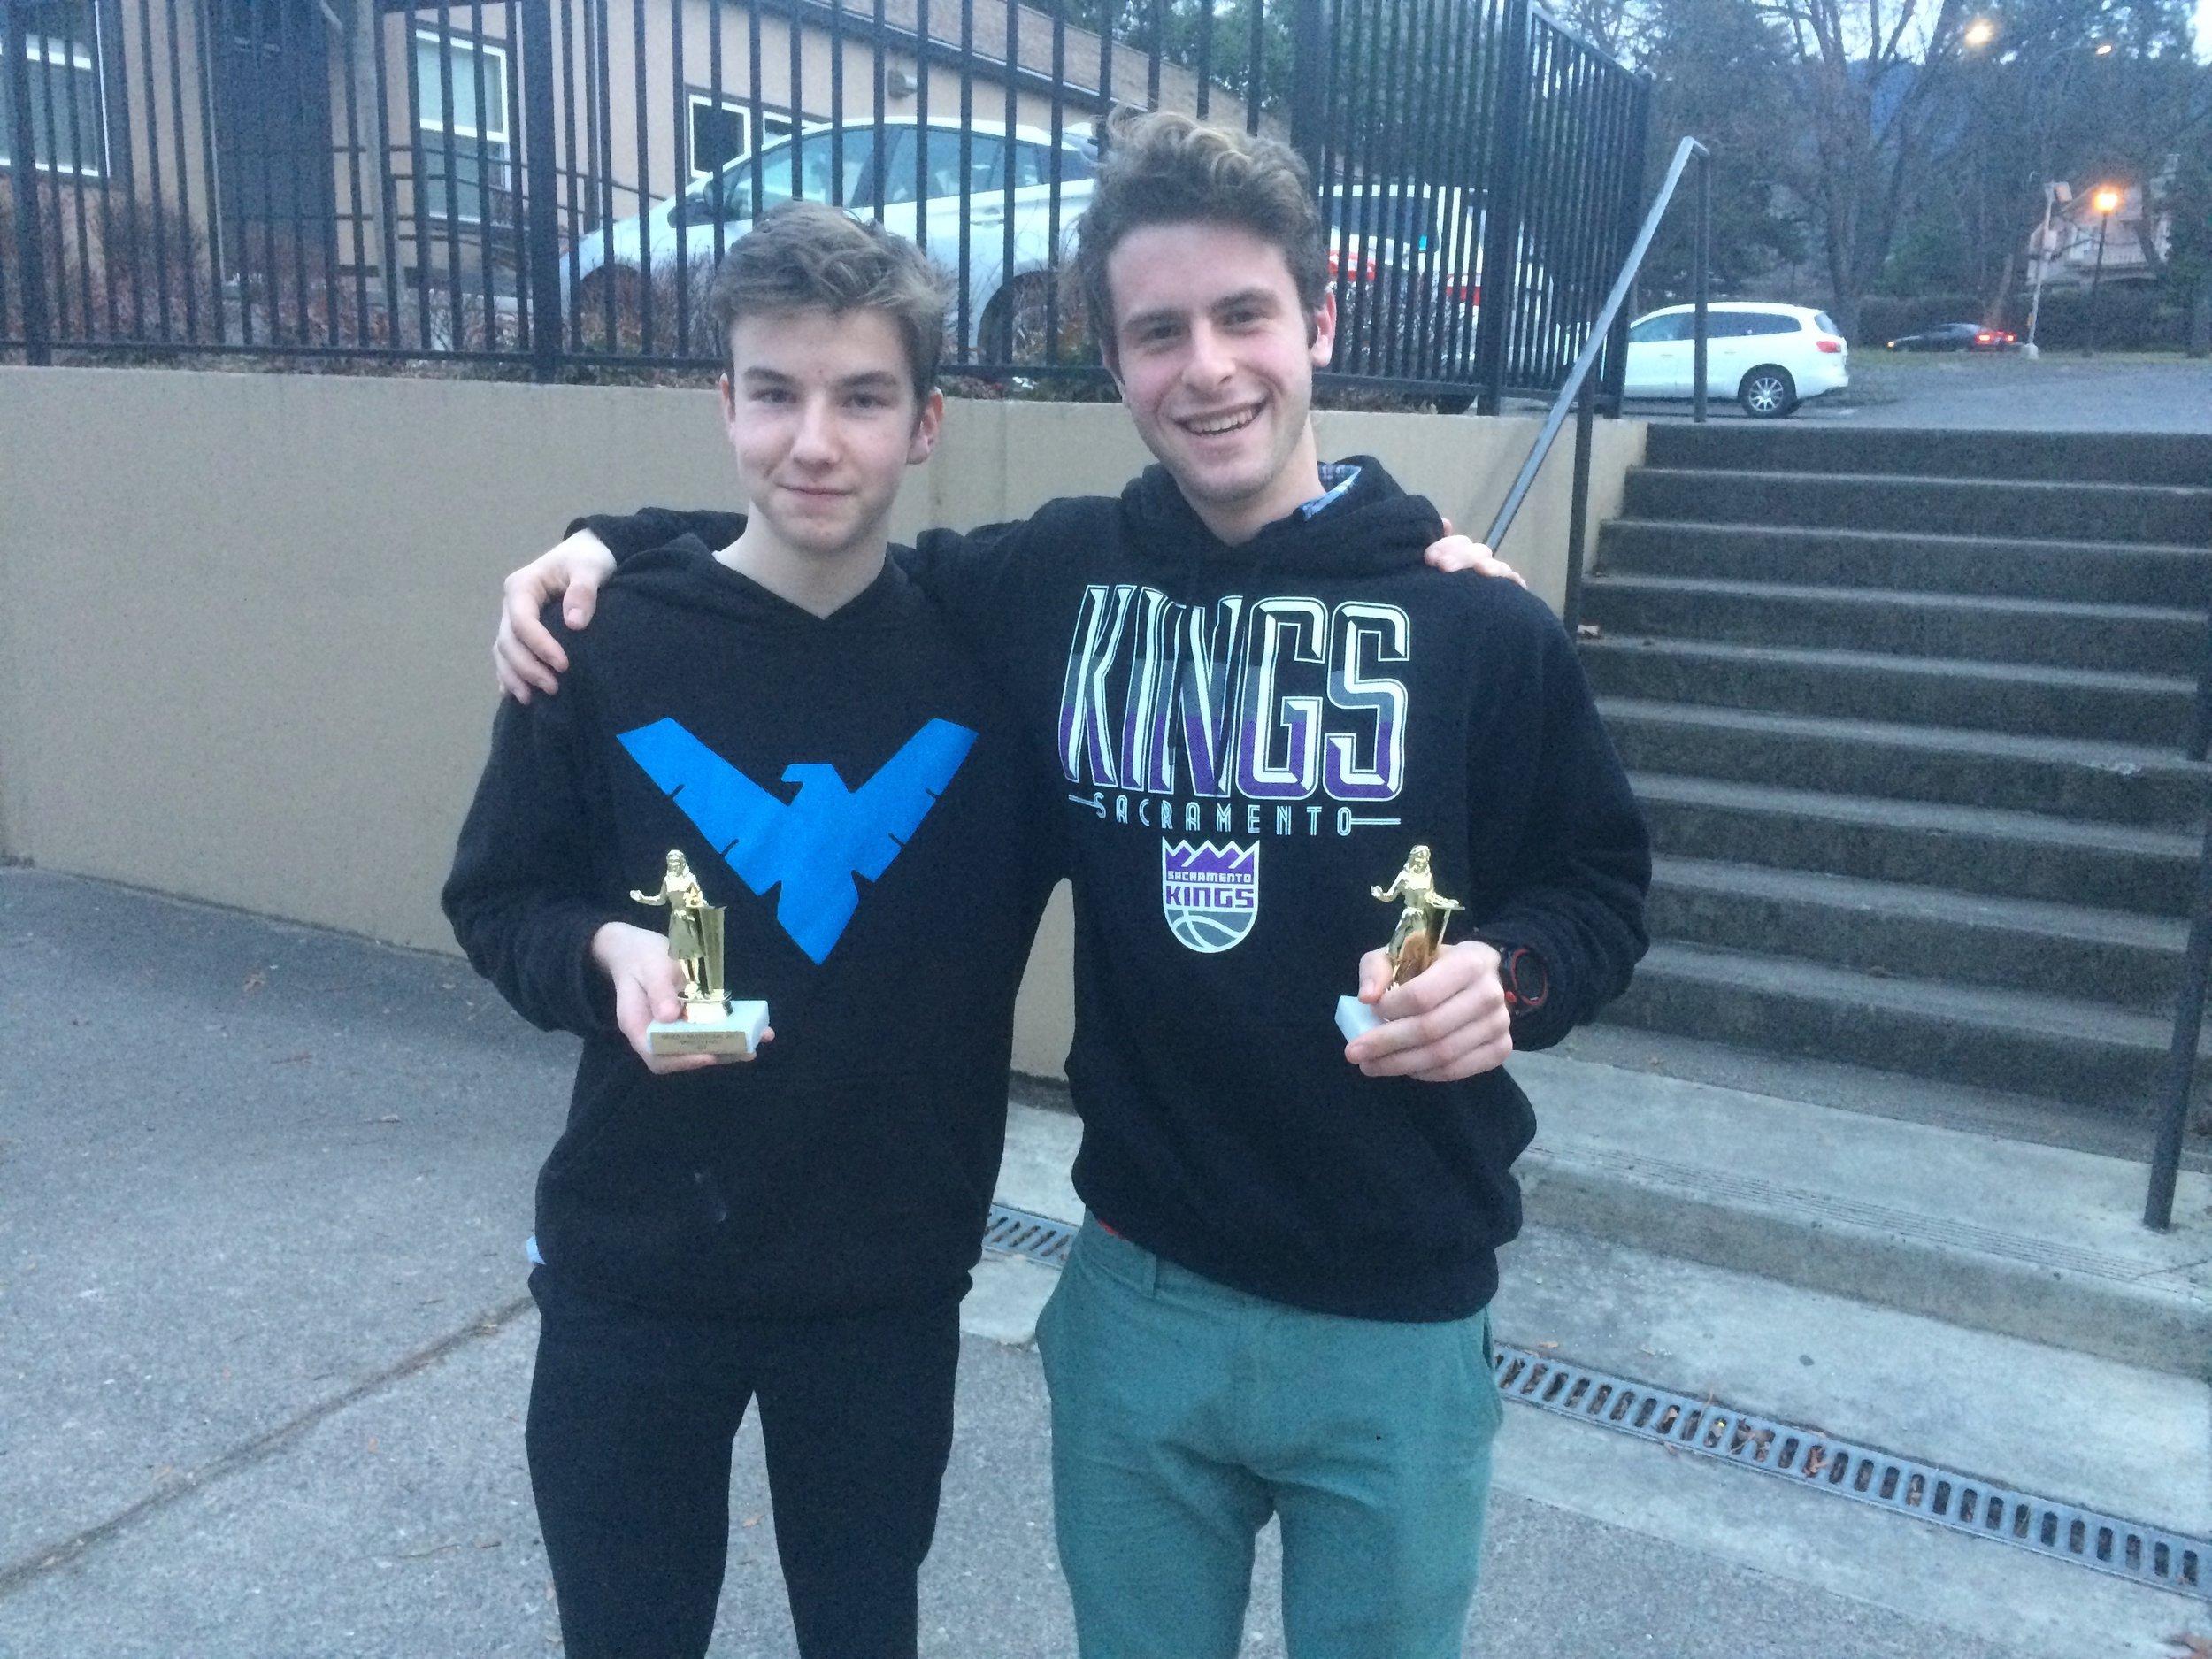 Tournament champions Ben Schwartz and Amos Karlson